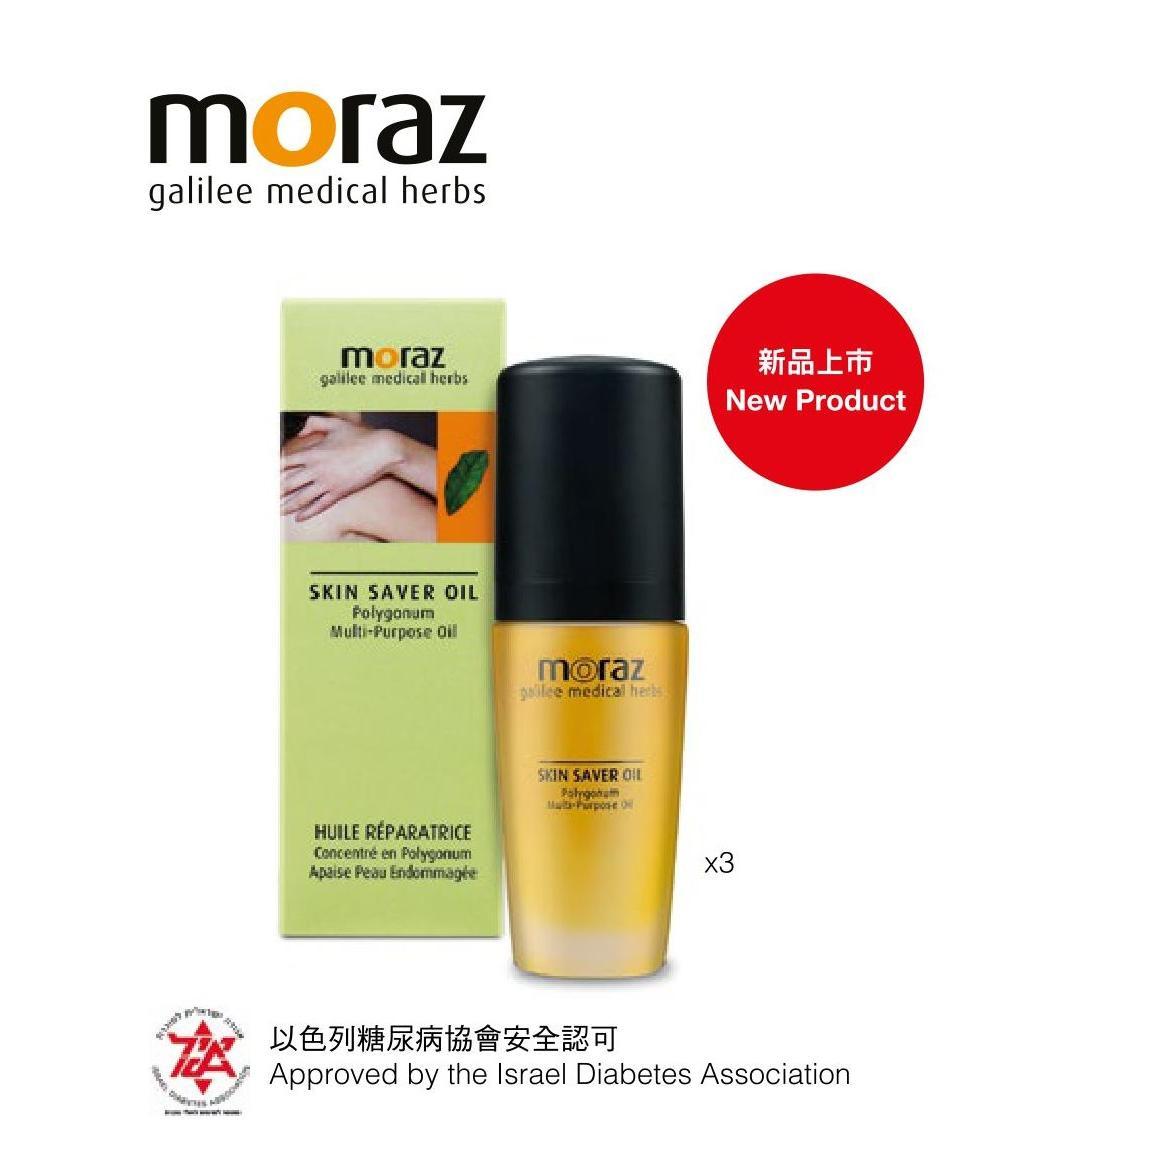 MORAZ 皮膚靈全效護理油 30ml - 3支特惠裝